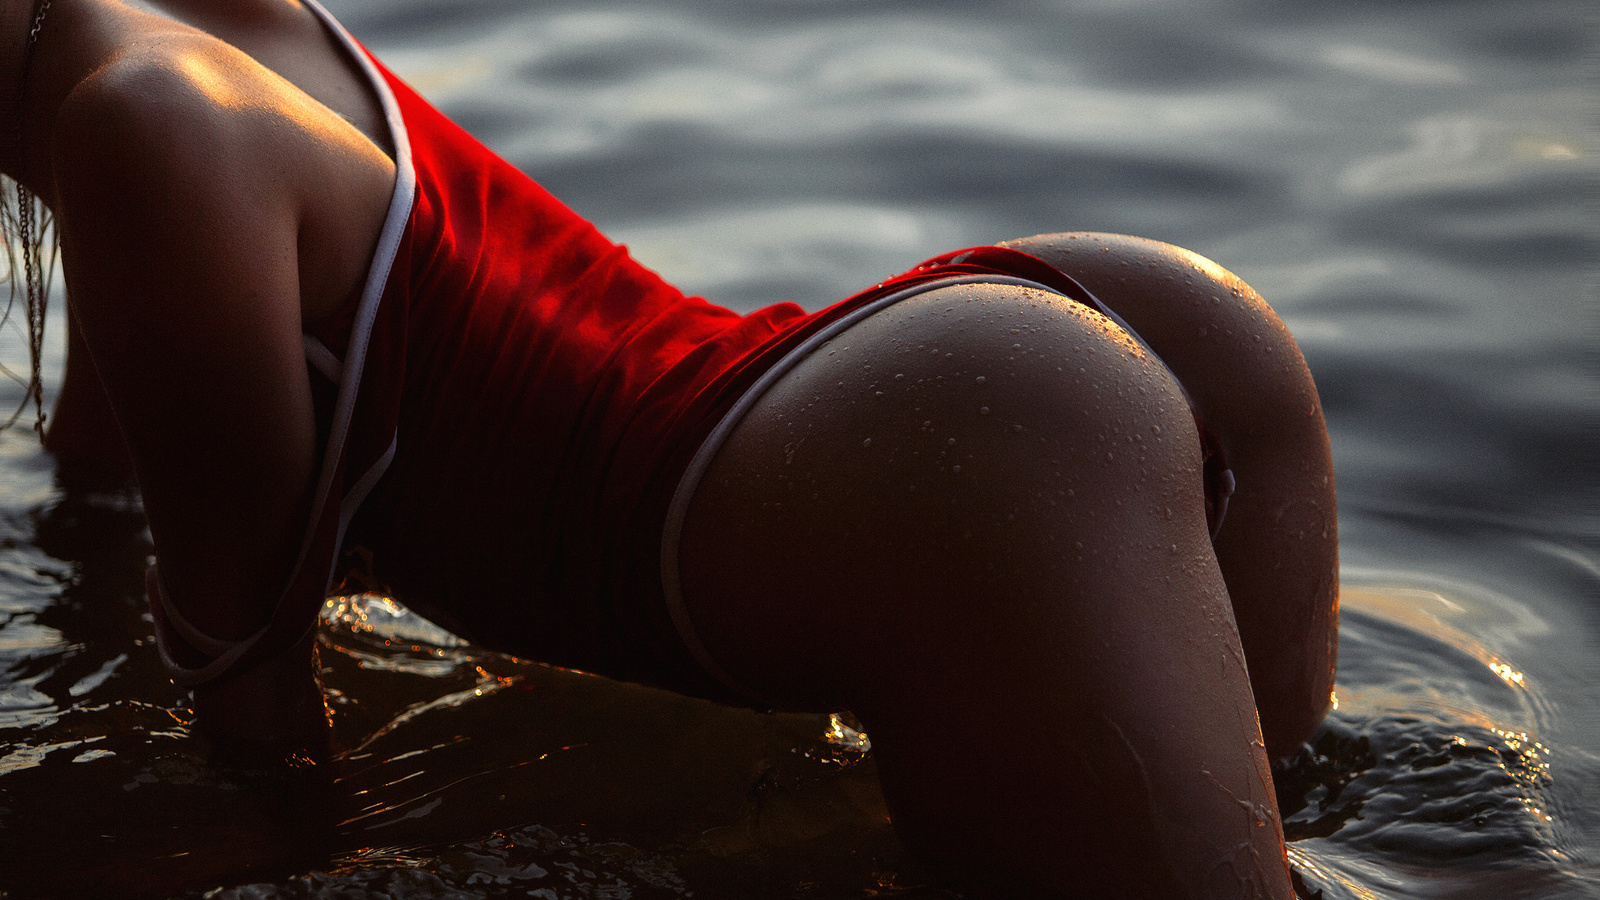 Фото красивых анусы, Частное фото ануса и влагалища женщин - частное порно 1 фотография